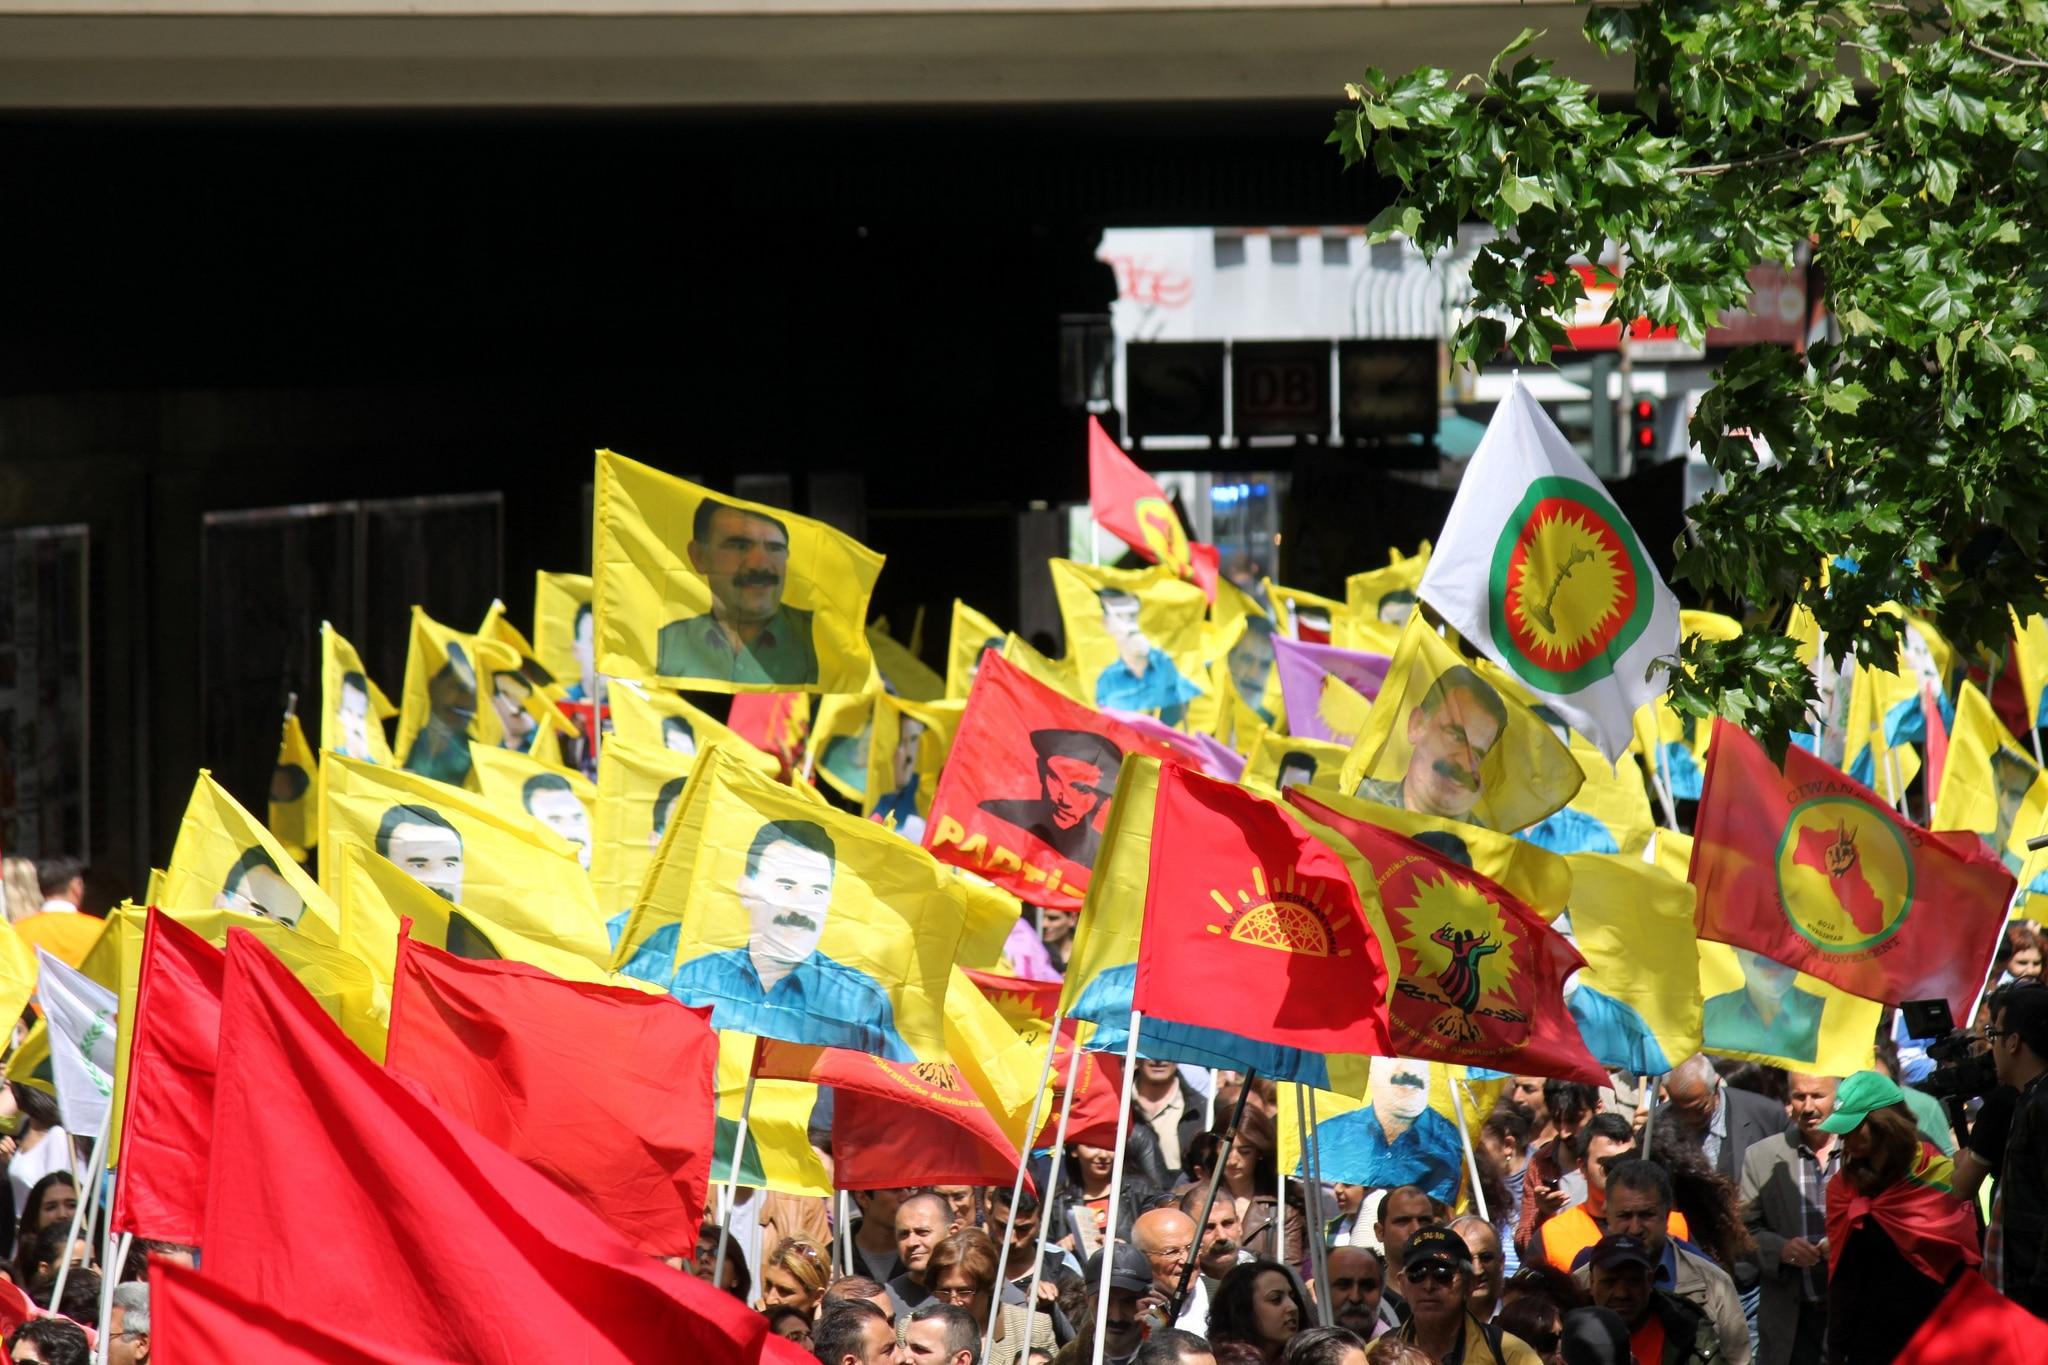 Dimostrazione filo-curda contro Erdogan a Colonia, 1 dicembre 2013, foto di strassenstriche.net su Flickr